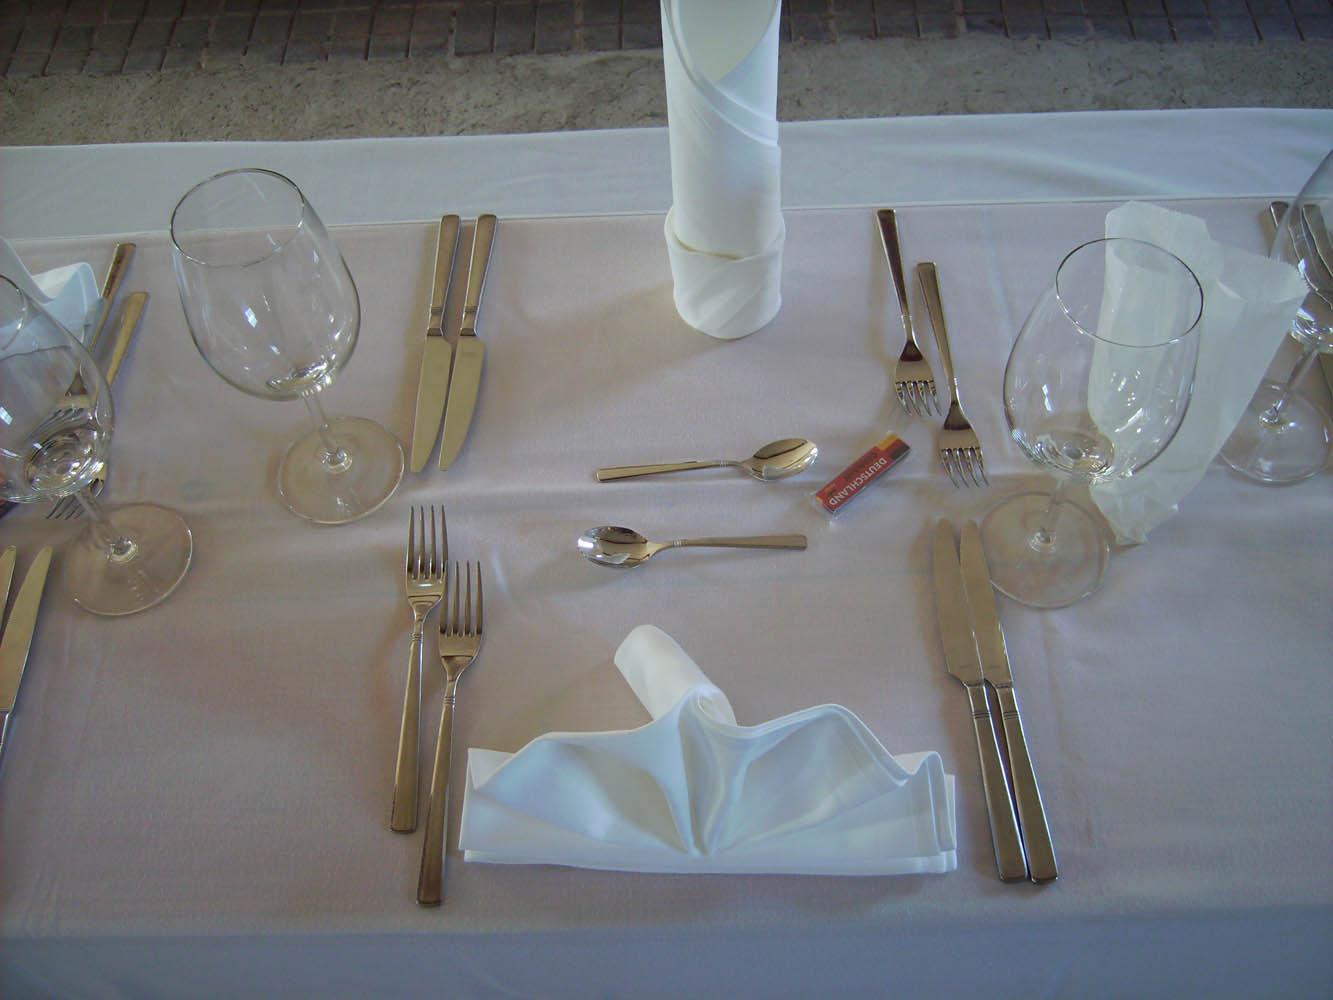 Aufbau und Vermietung von Partyzelten inklusive Dekoration